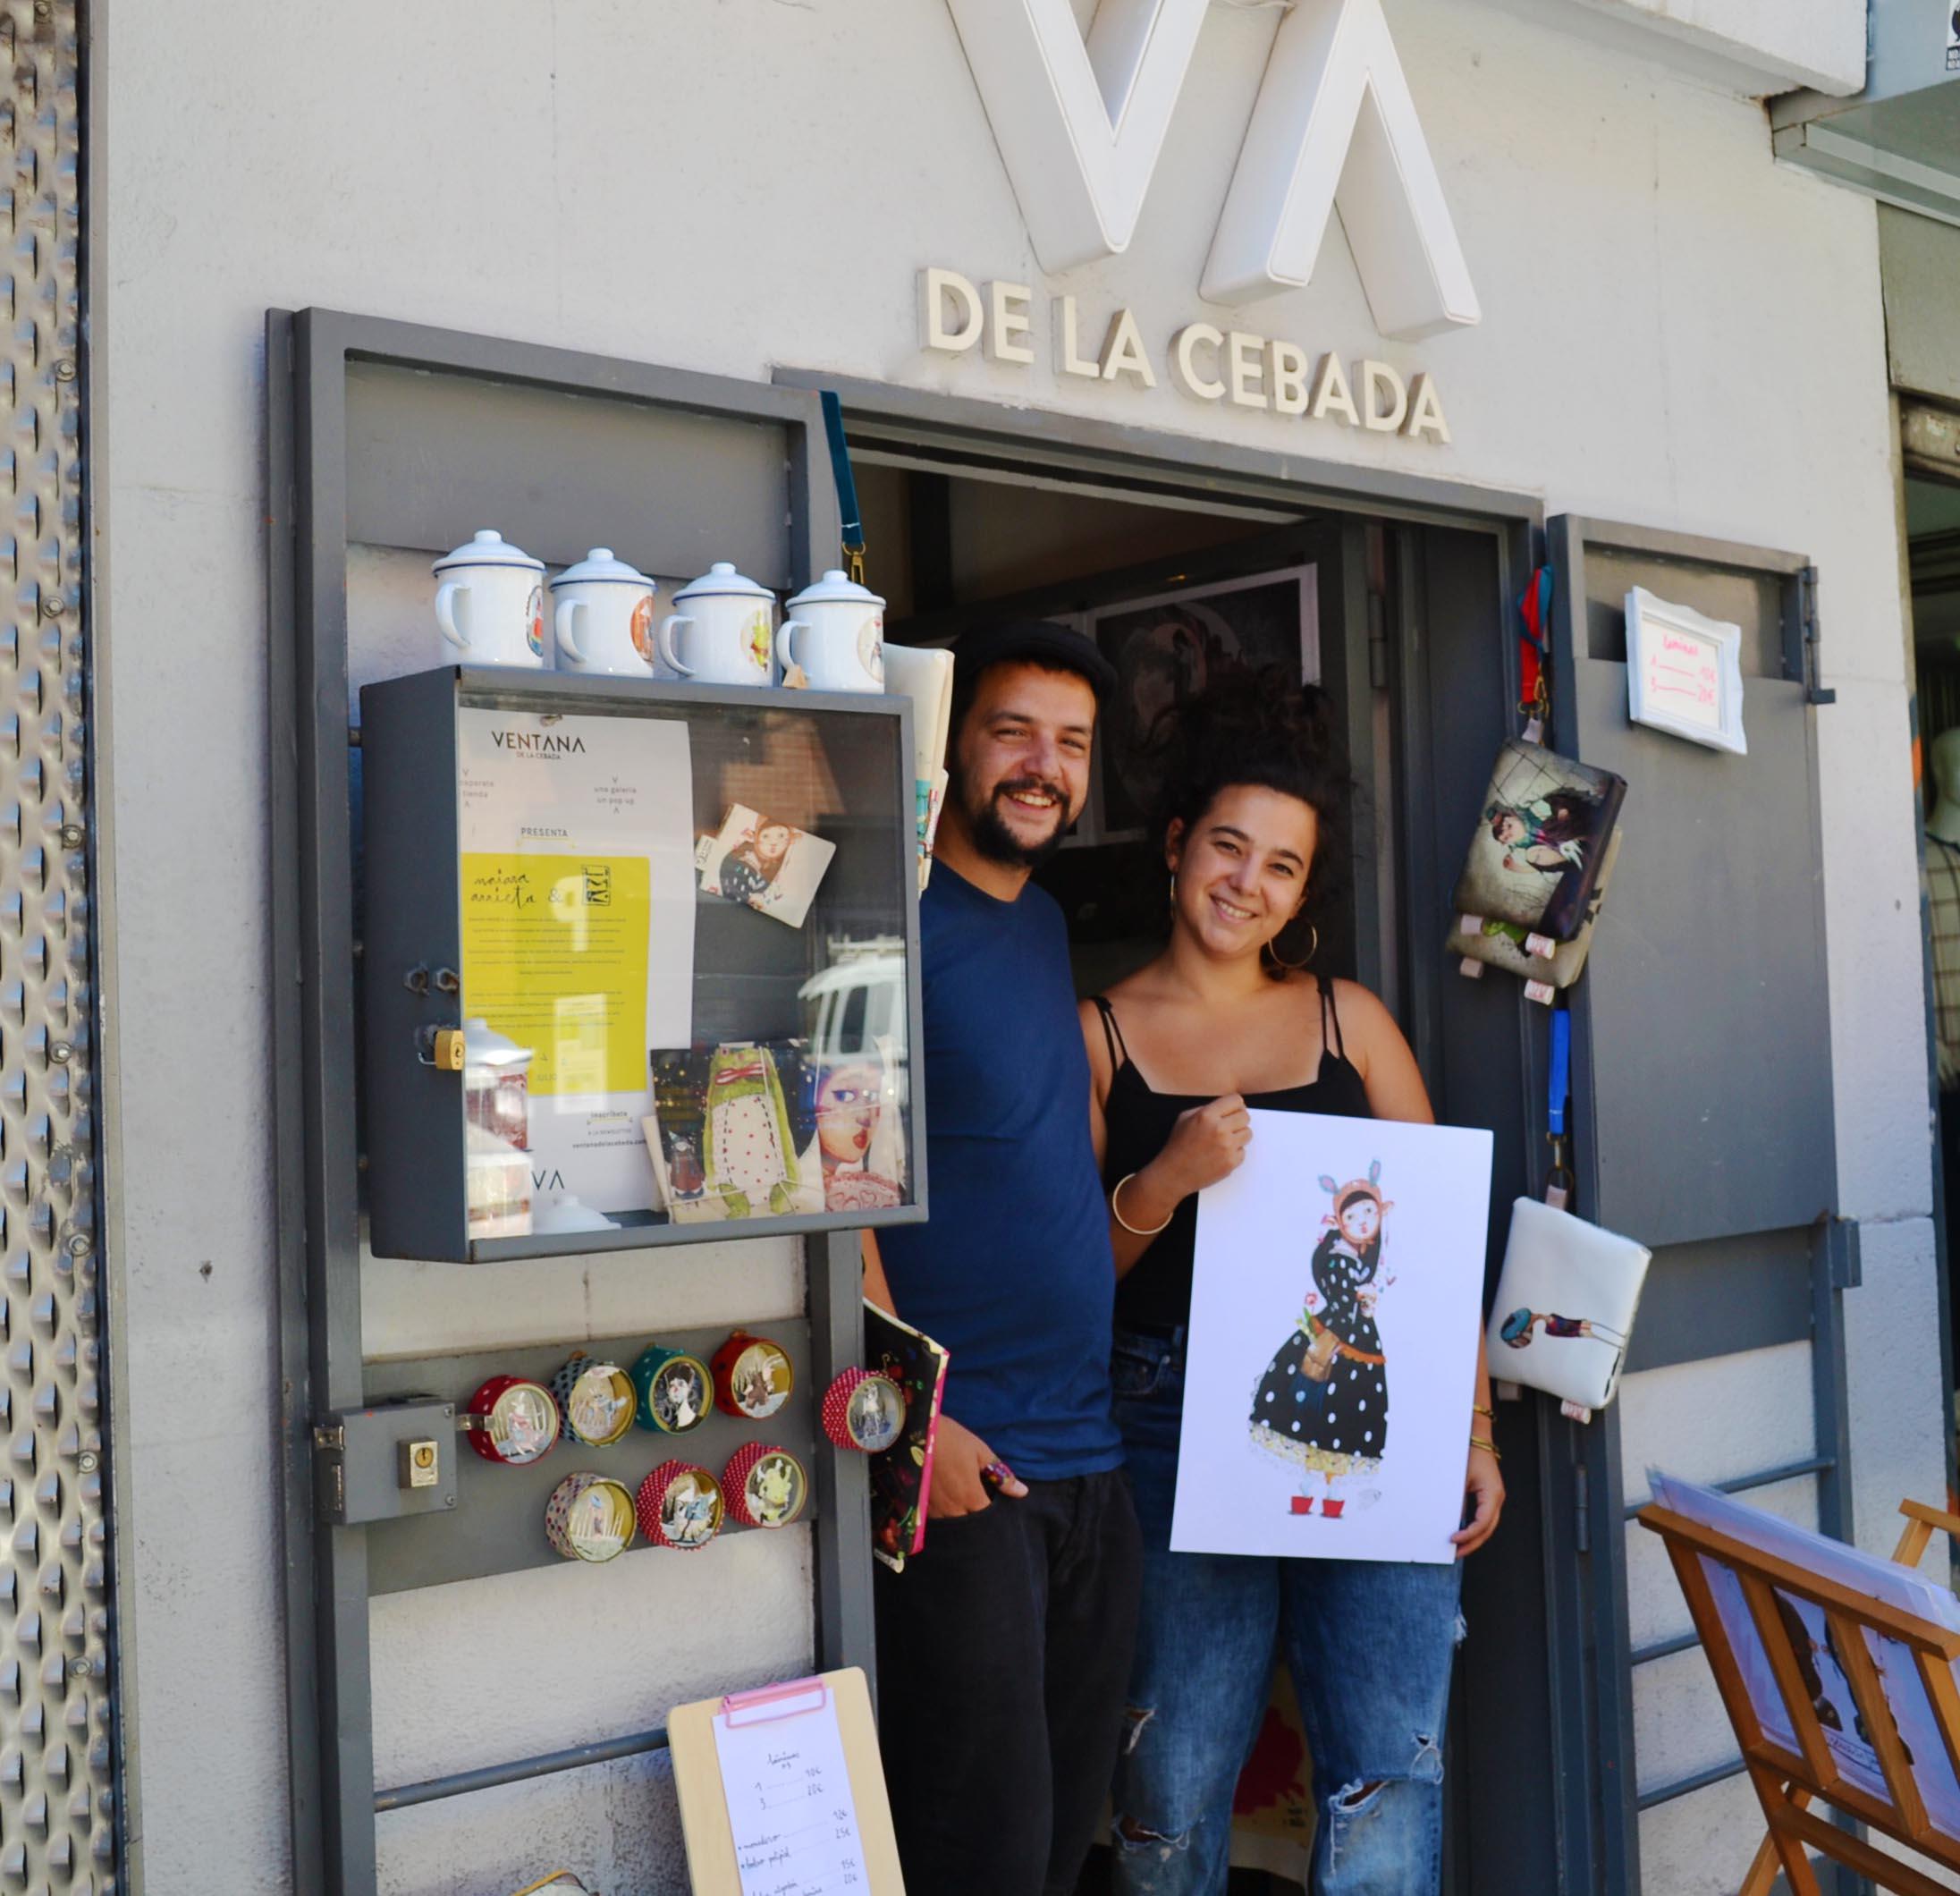 Naiara Arrieta y Juanma martin en Ventana de la Cebada